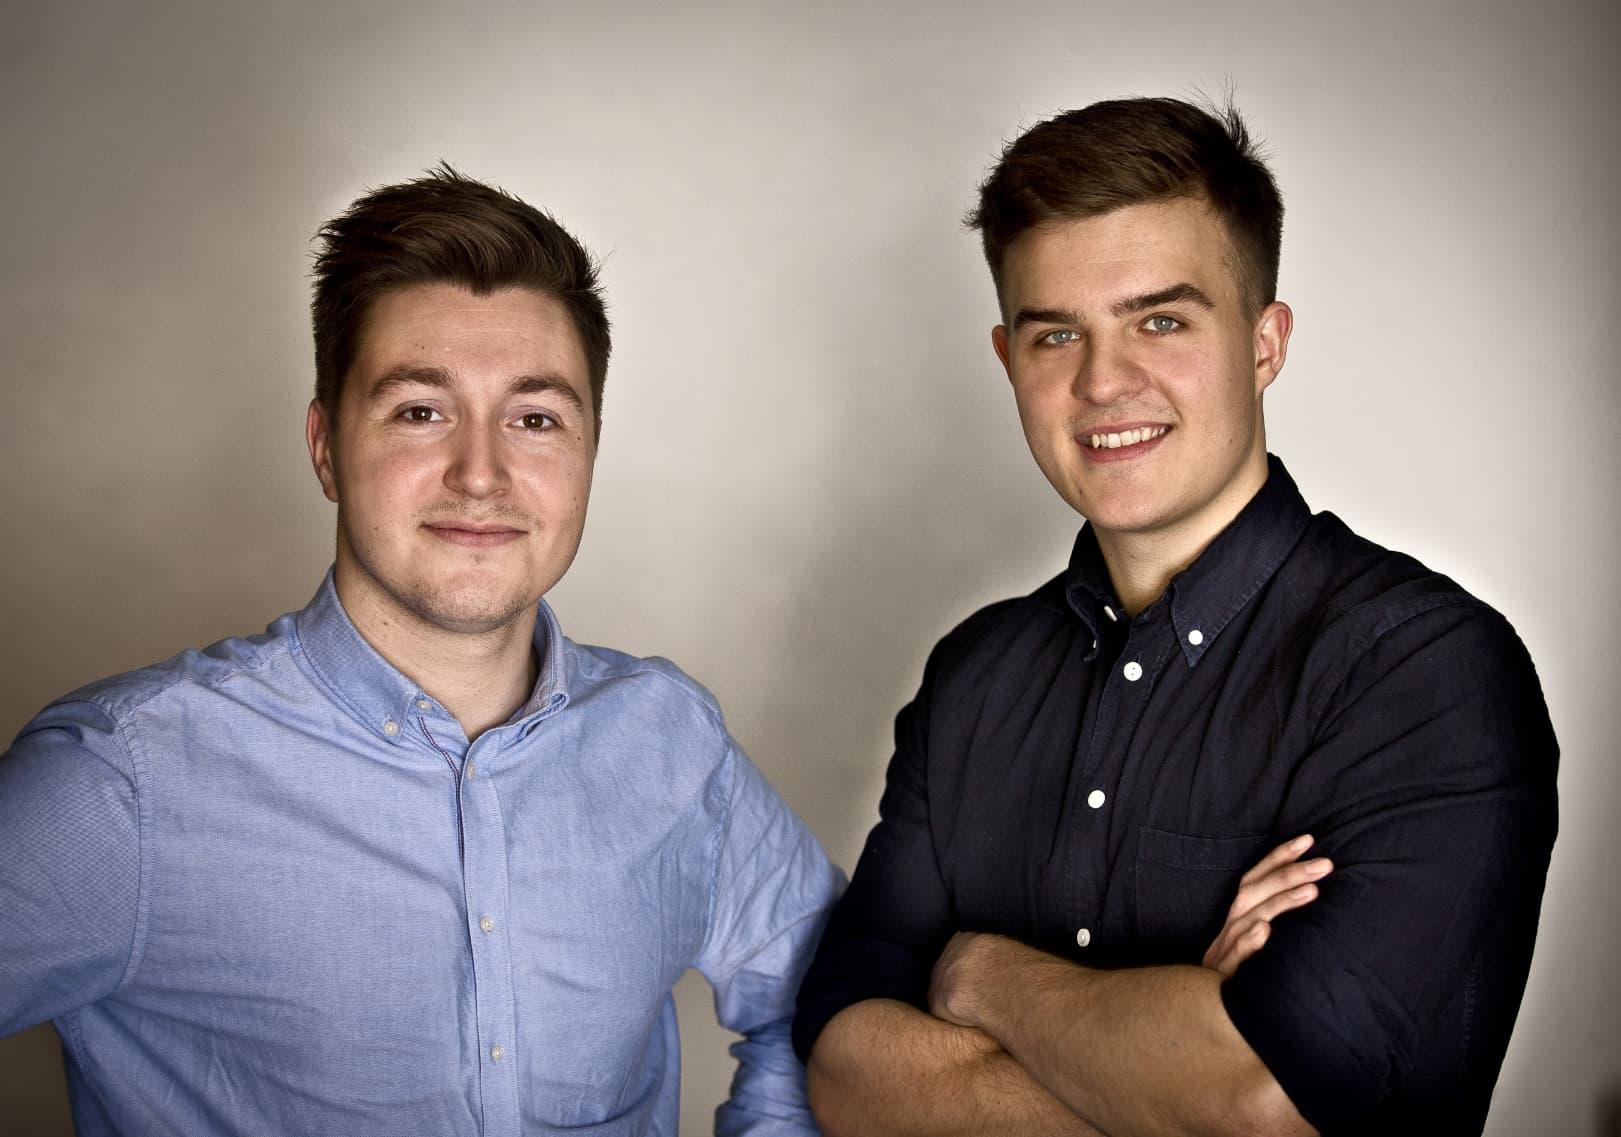 Co-founders Kasper Langmann and Mikkel Sciegienny